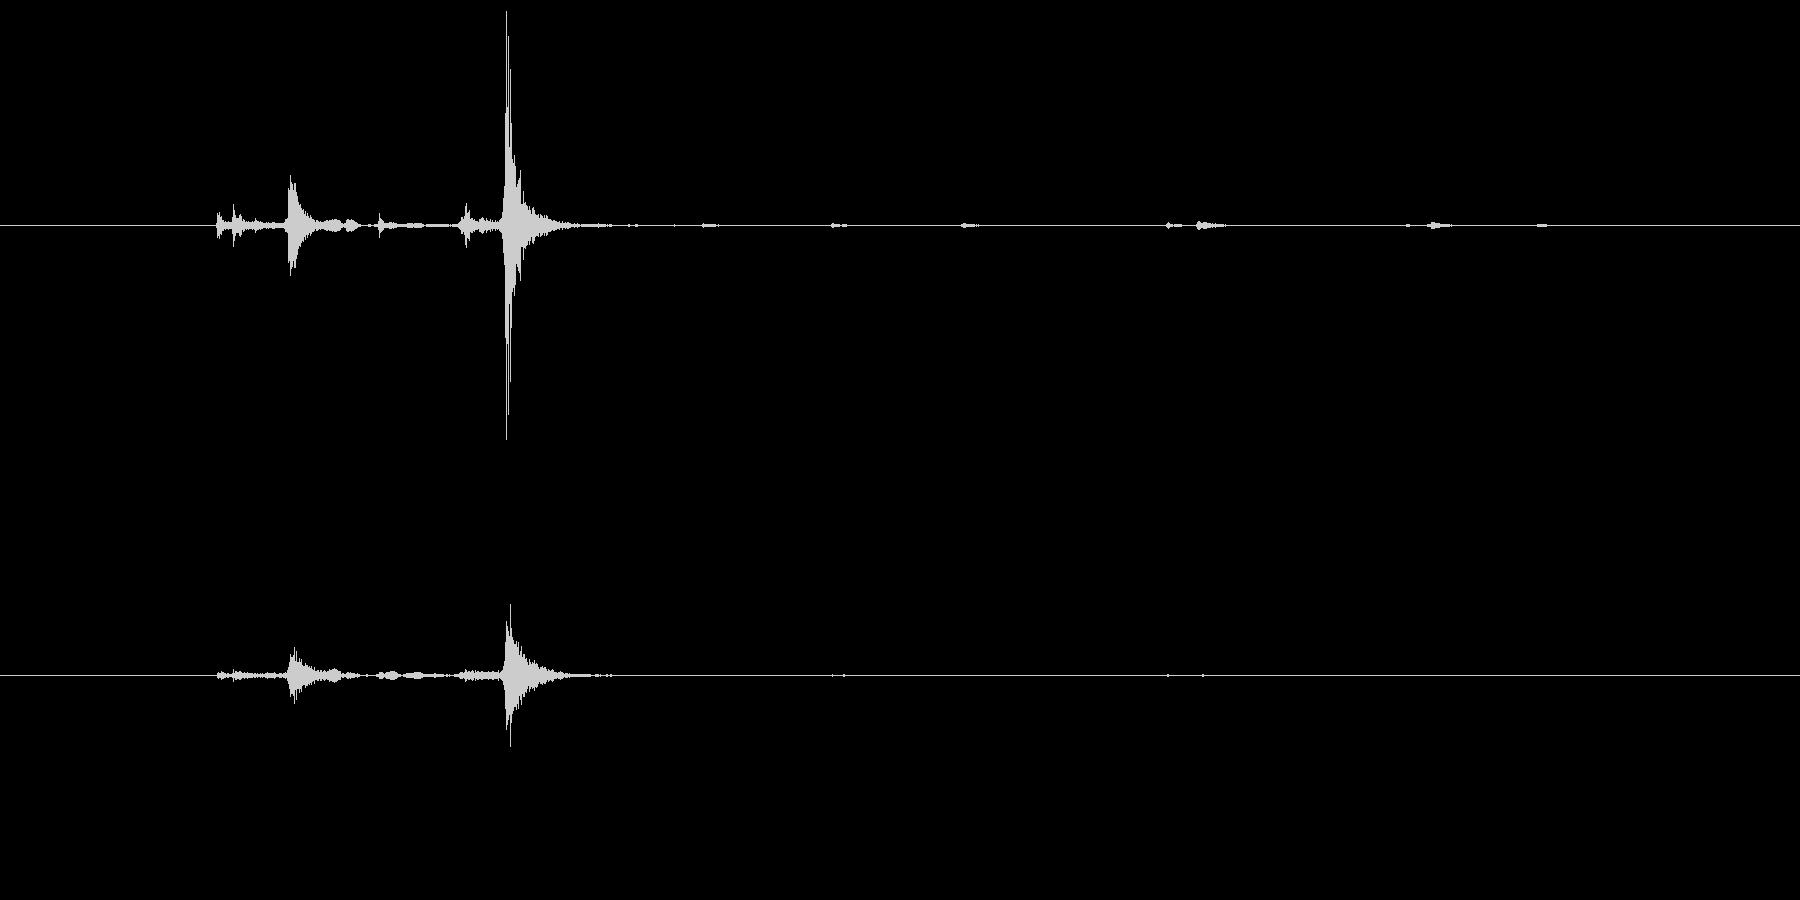 少し古いタイプのひもスイッチの音の未再生の波形